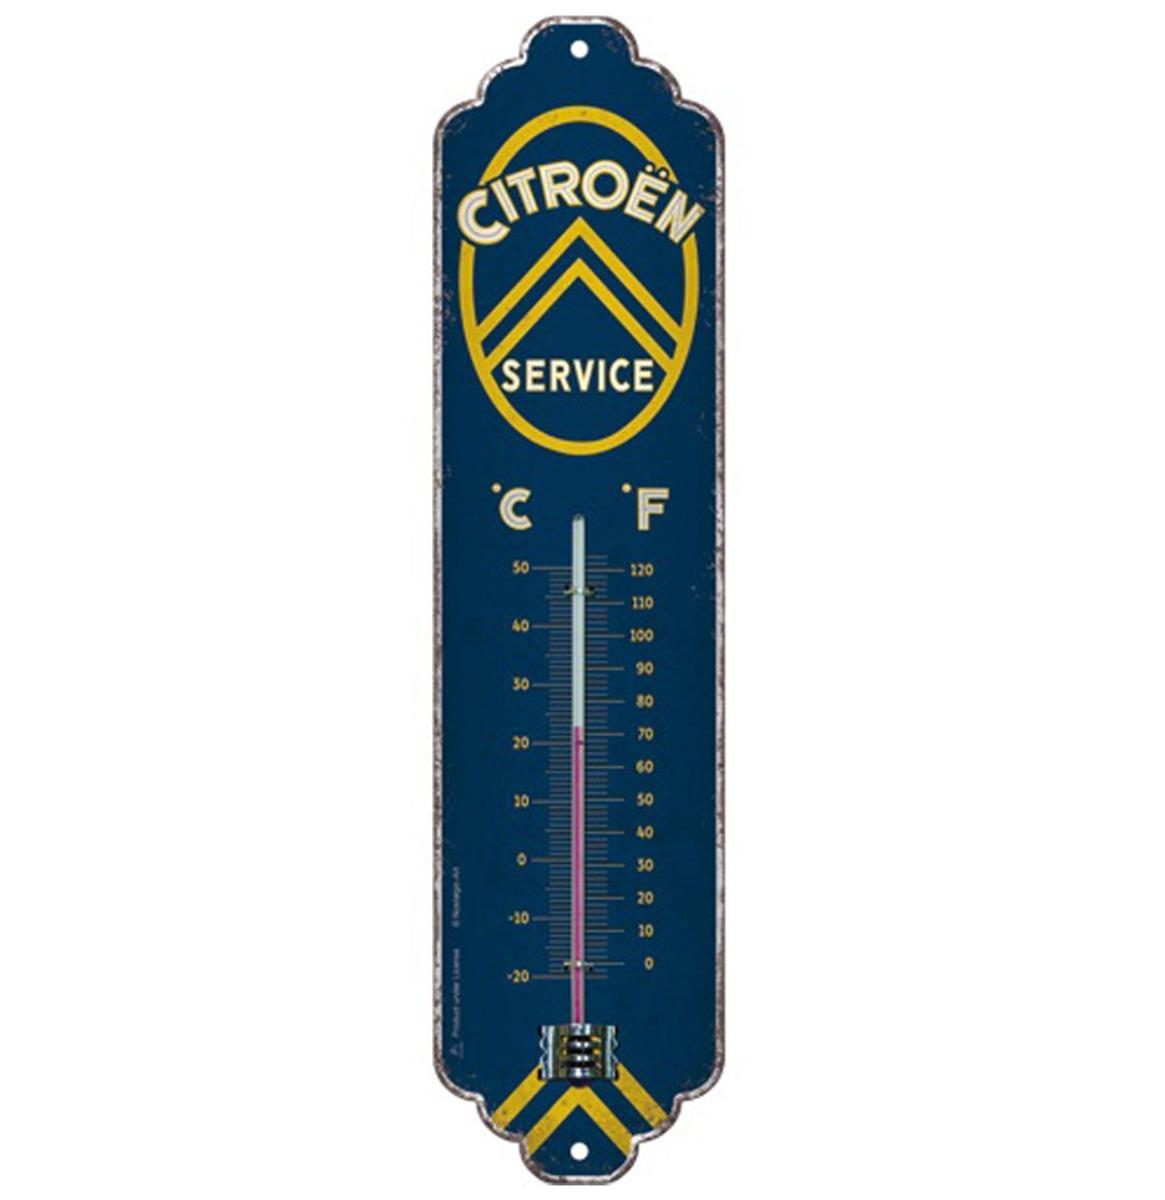 Thermometer Citroen - Service